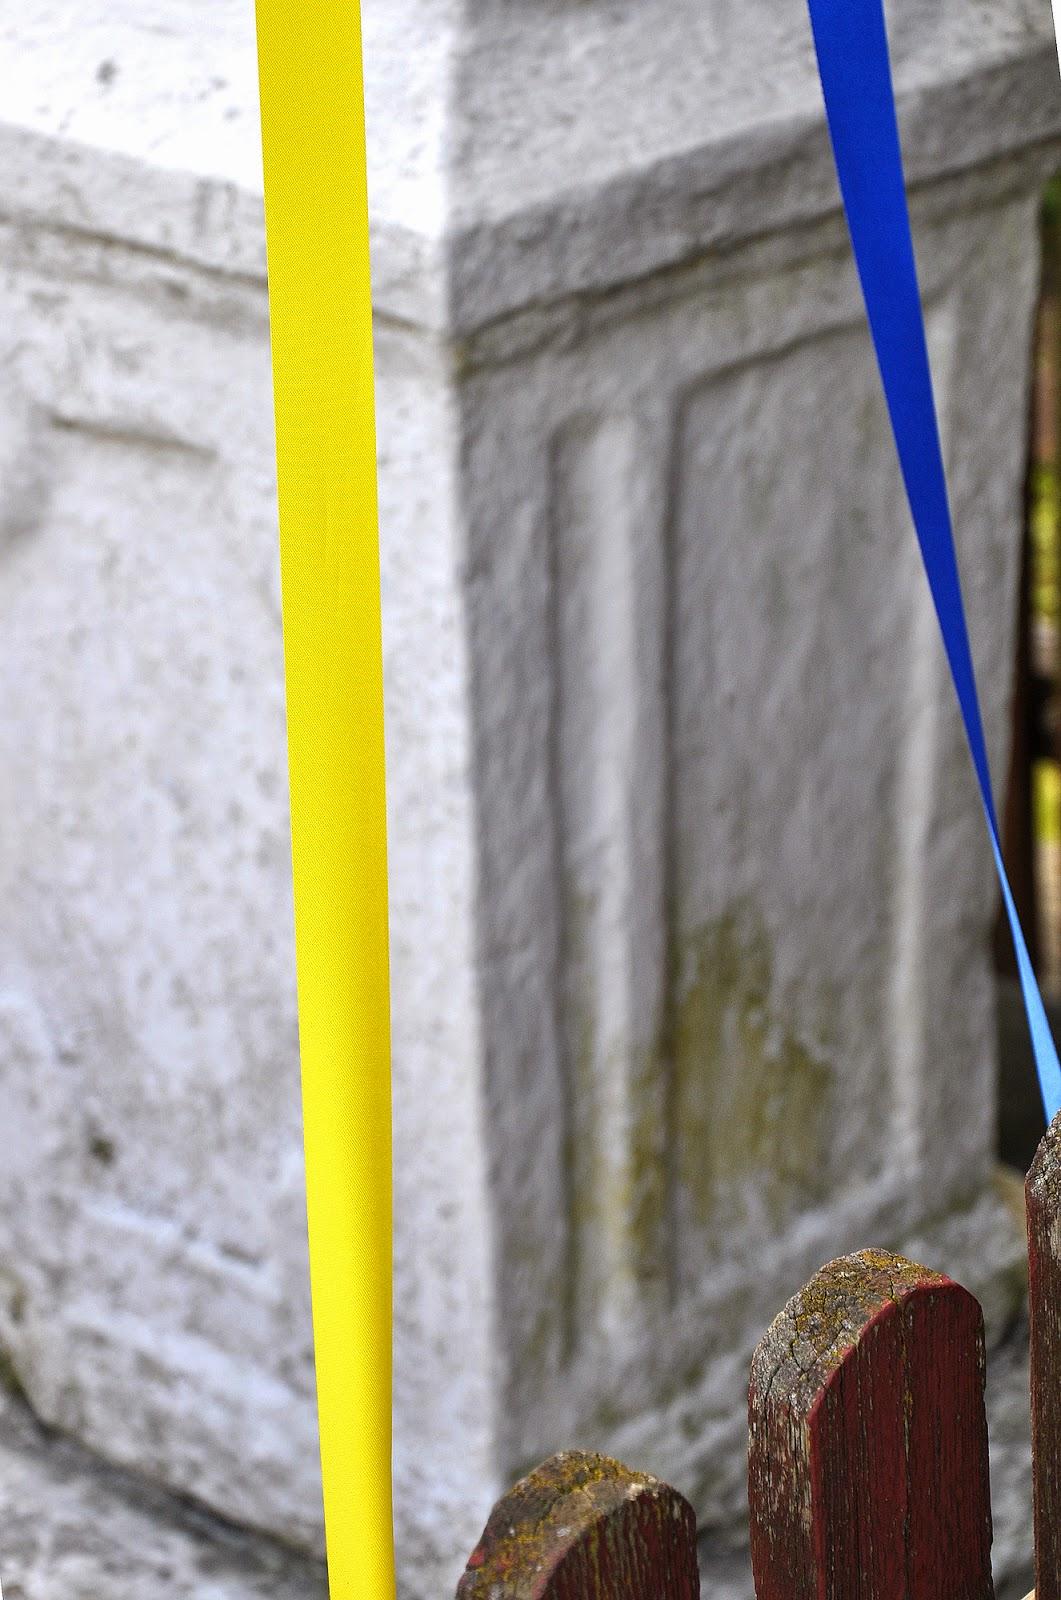 Mokra k. Stąporkowa, Żeliwny krzyż na kamiennym postumencie - widok z prawej strony. Ten element zdobniczy przysporzył mi najwięcej problemów. Można interpretować go tak: Ten nierówno podzielony prostokąt skłaniam się interpretować jako alegorię uchylonego kamienia z pustego grobu Jezusa (Paweł Puton Radom). Foto. KW.